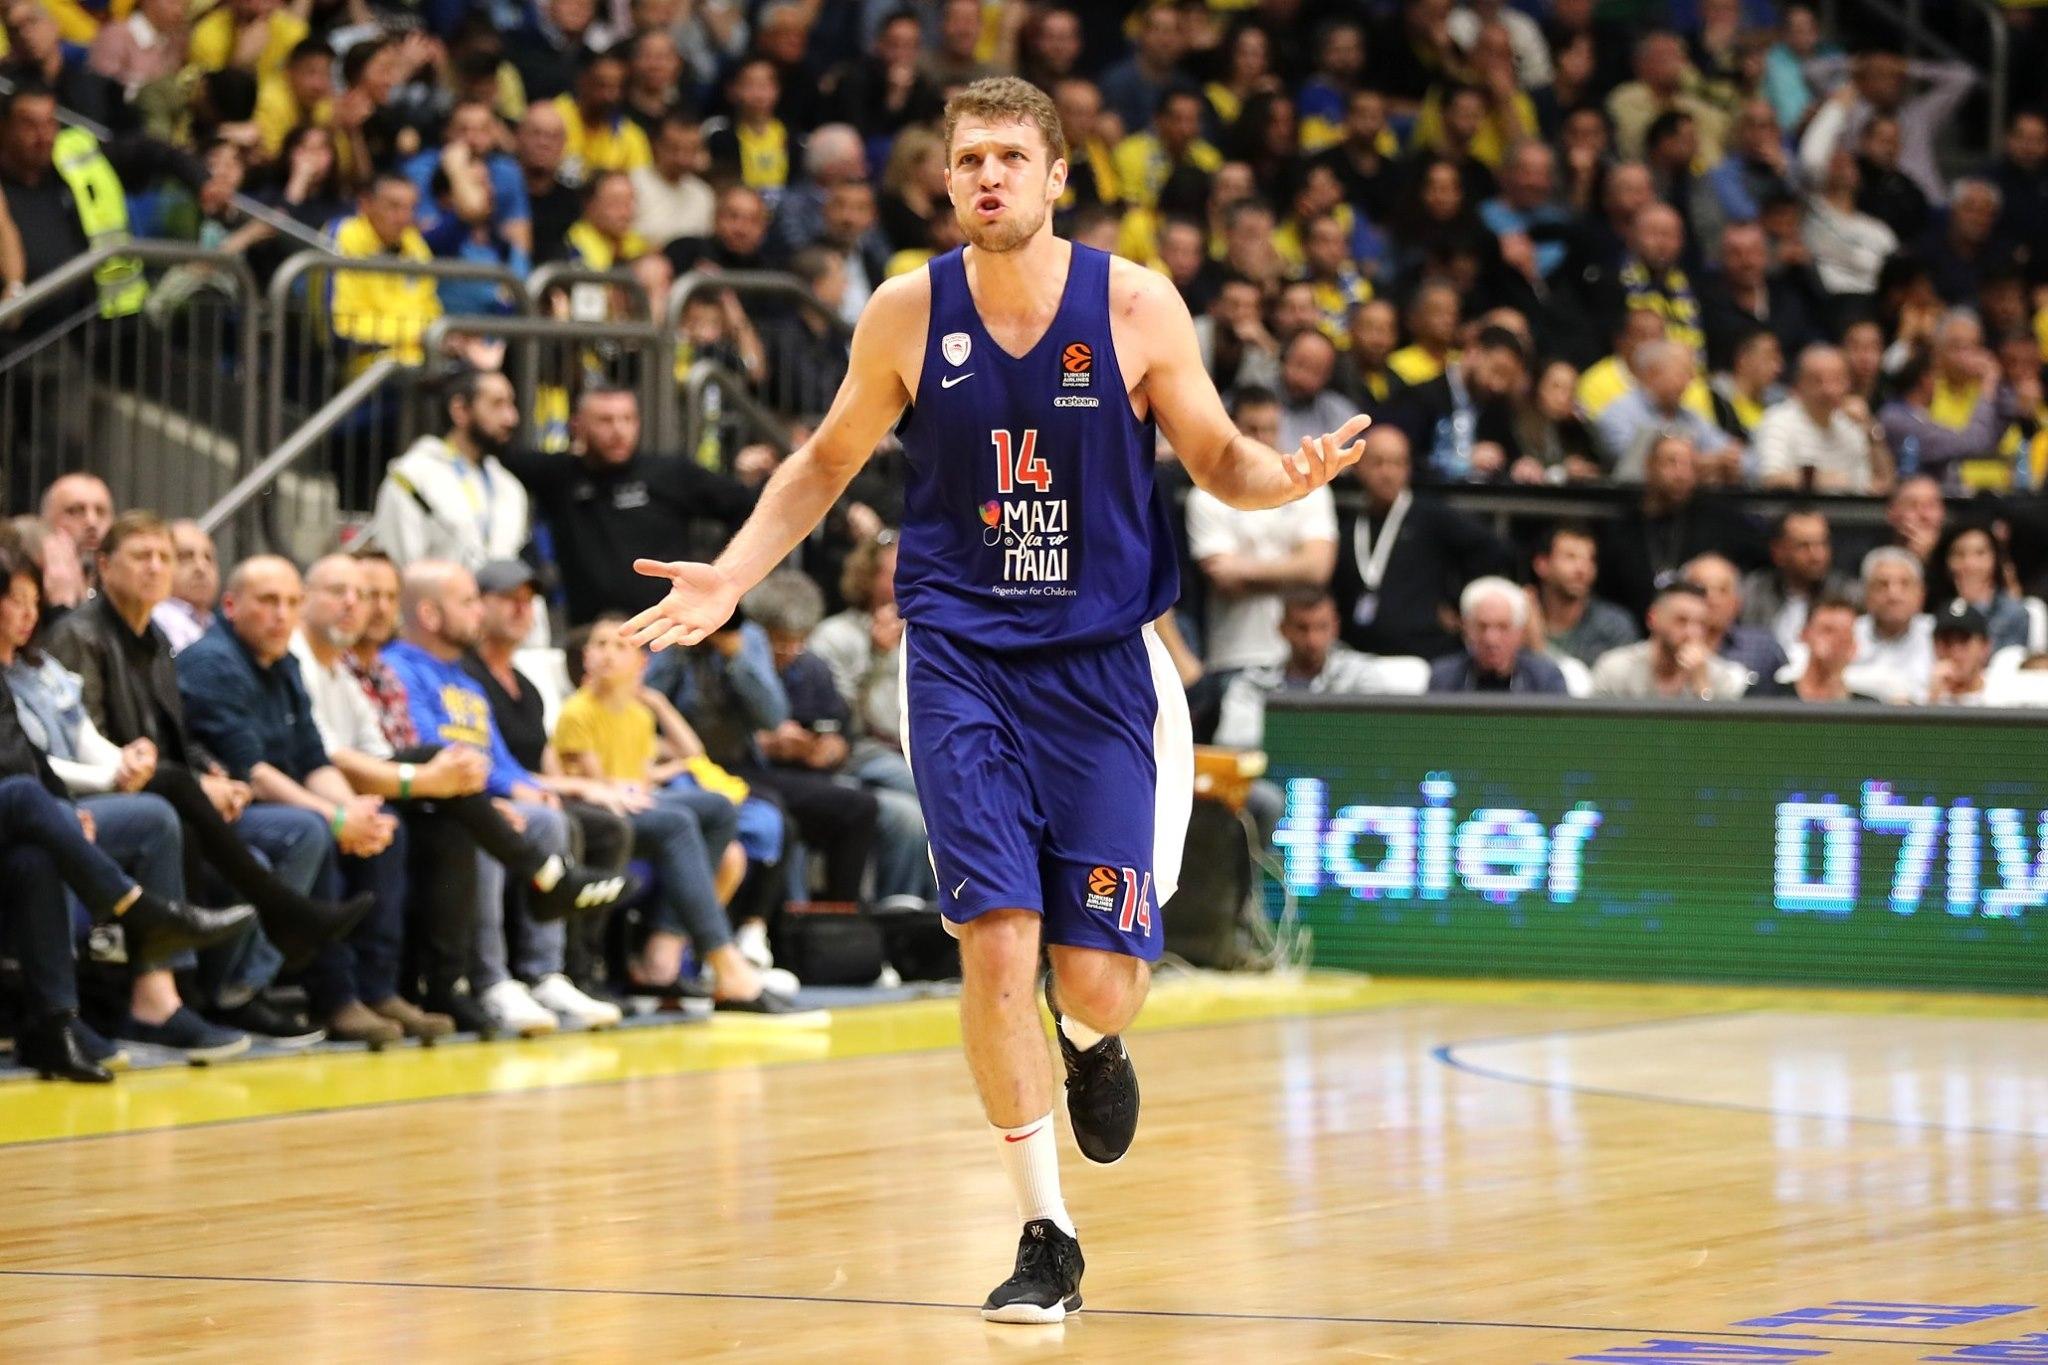 Александър Везенков отбеляза 9 точки, но те не бяха достатъчни